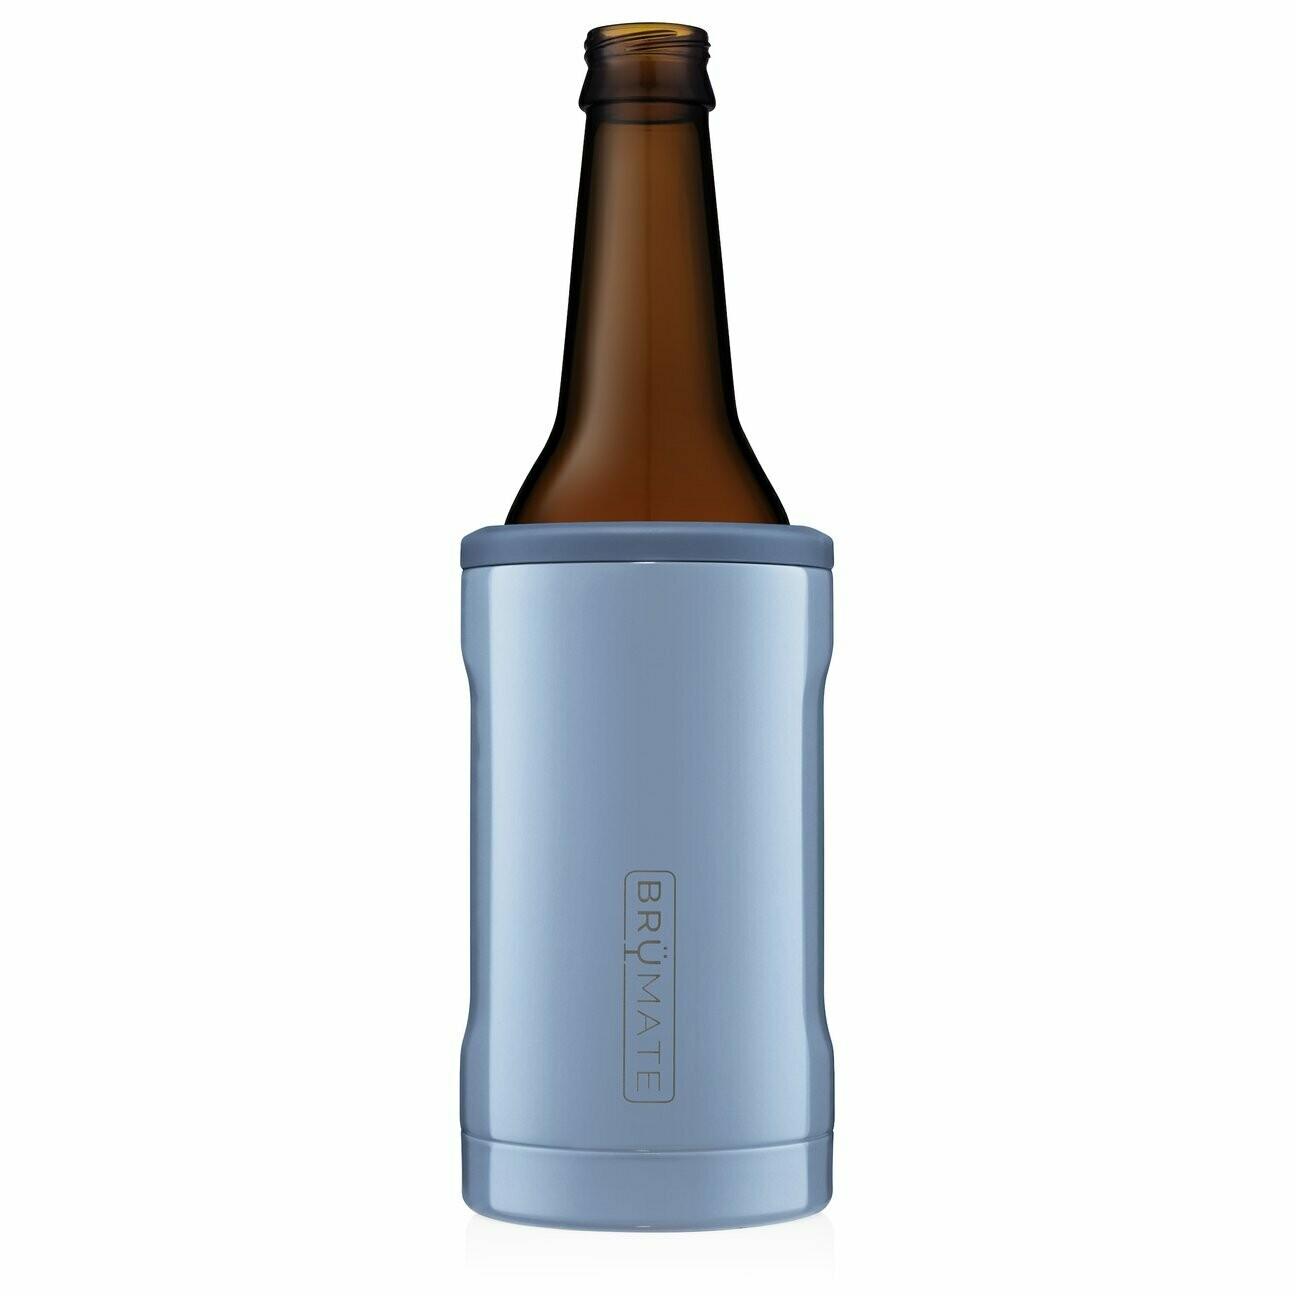 Brumate Denim Hopsulator Bottle